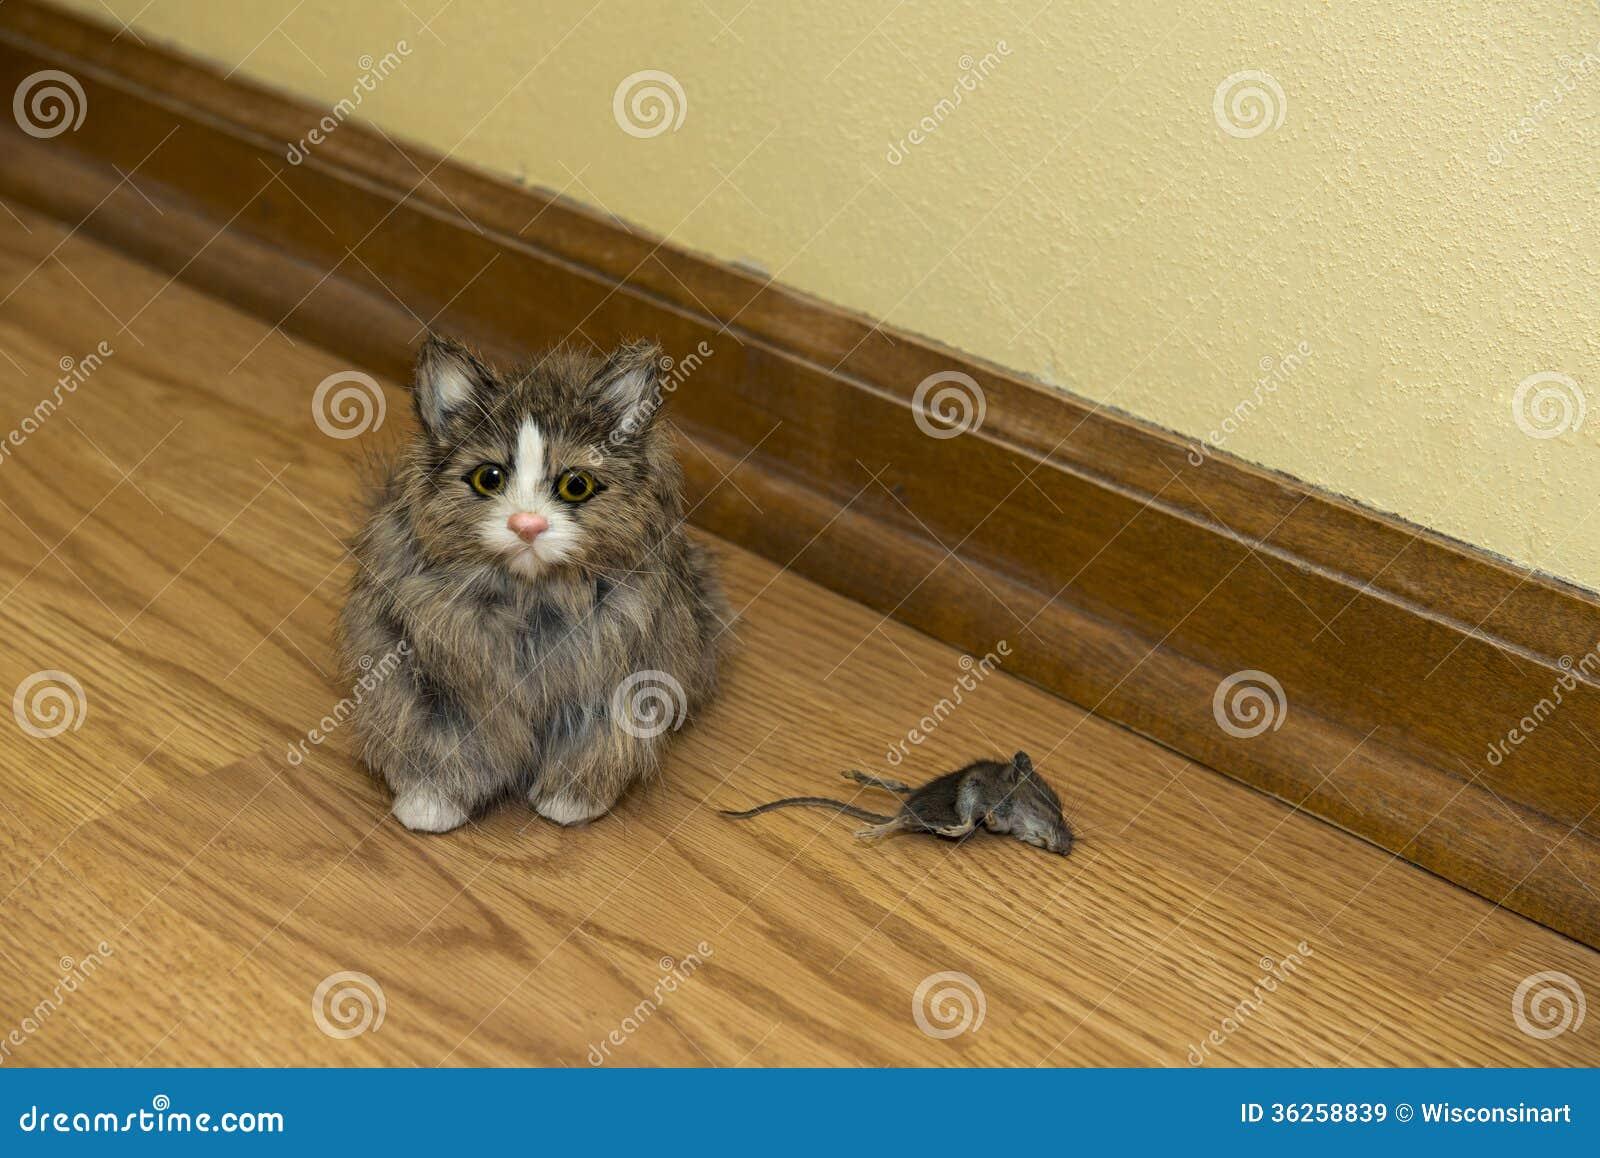 chat de petite chambre avec le rongeur mort de souris dans la chambre image stock image du. Black Bedroom Furniture Sets. Home Design Ideas